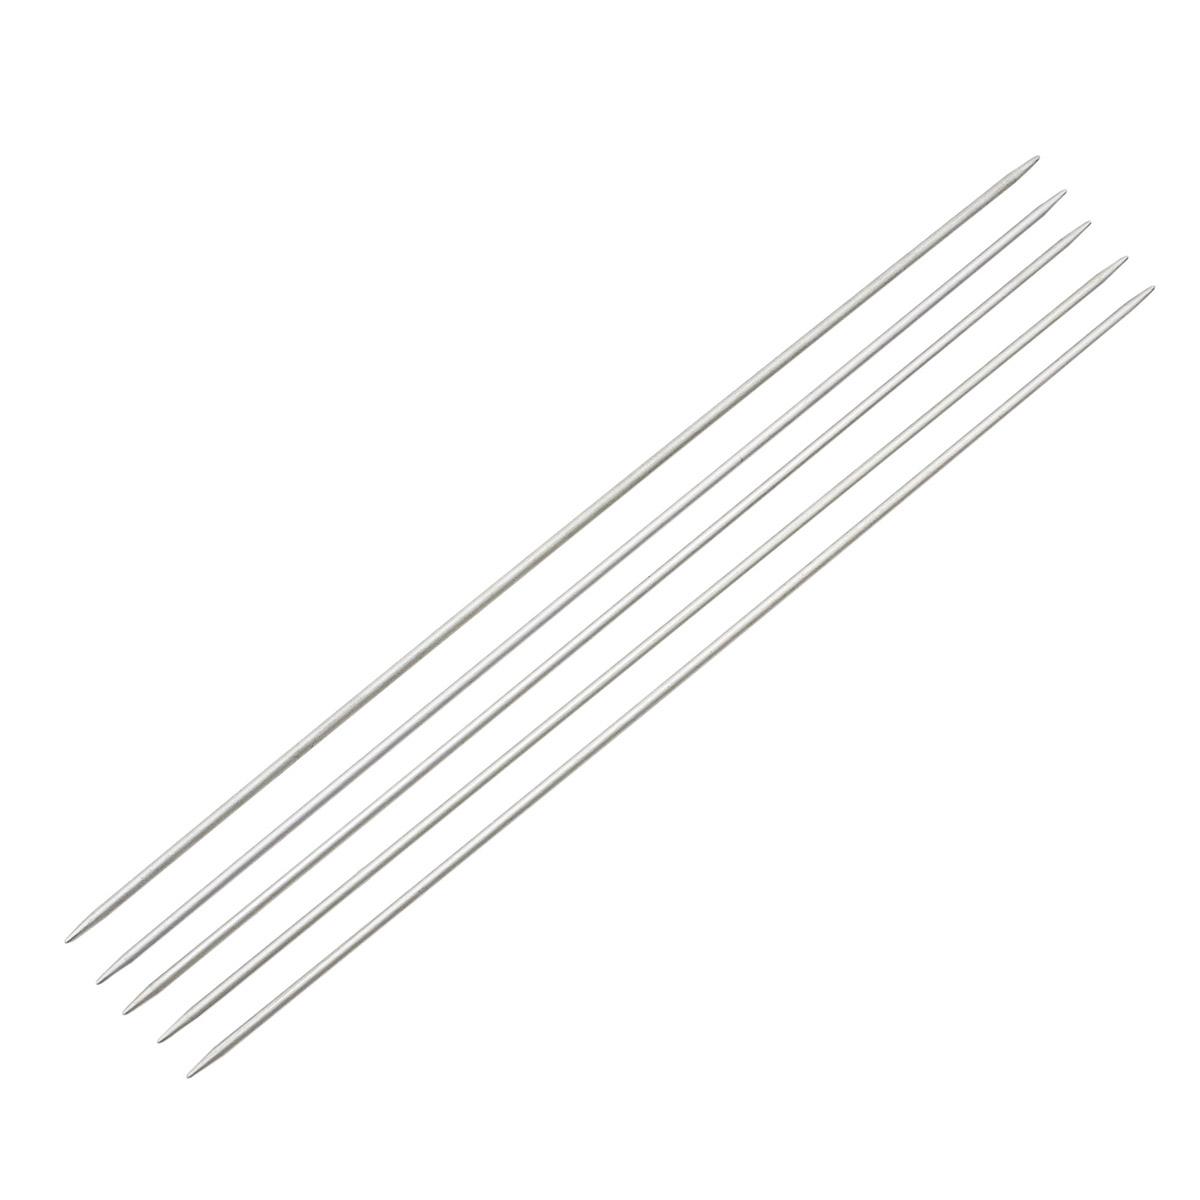 Спицы носочные алюминиевые с покрытием 940520/940502, 20 см, 2,0 мм, Hobby&Pro